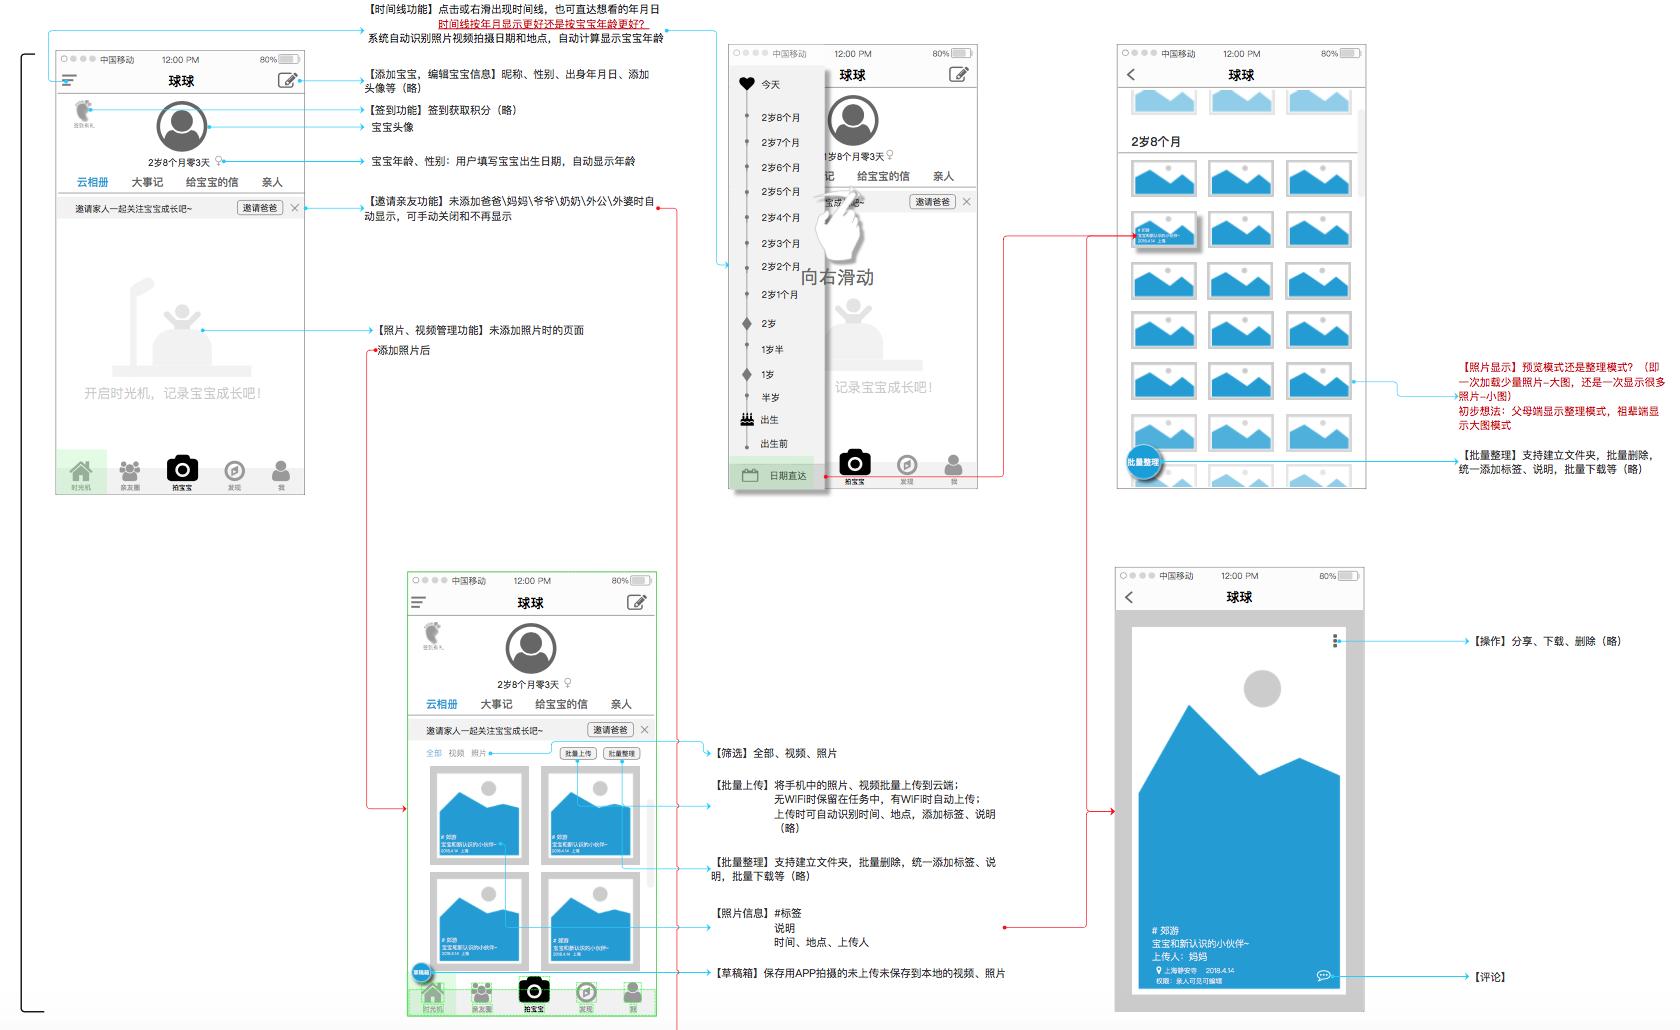 【宝宝时光机】宝宝成长记录APP产品需求文档-产品公社